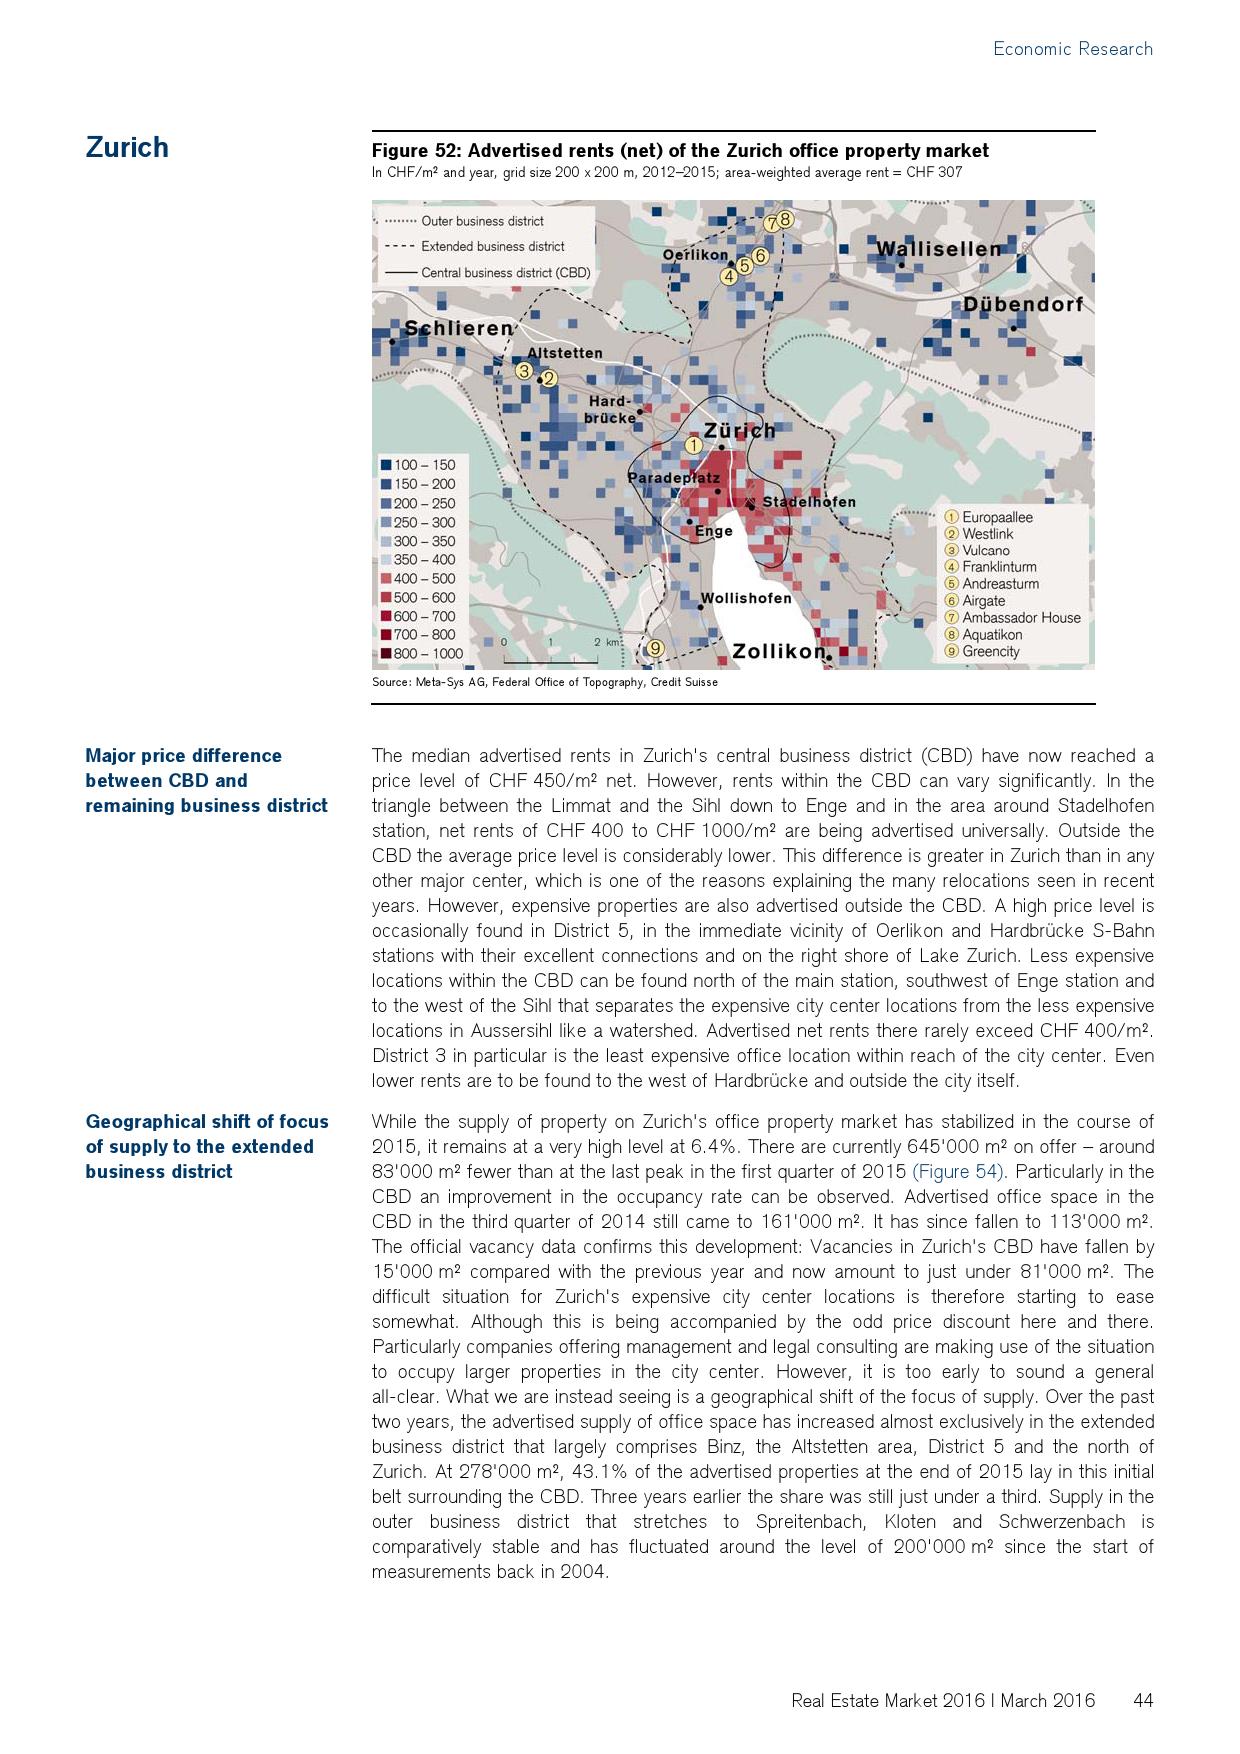 2016年瑞士房地产市场研究报告_000044